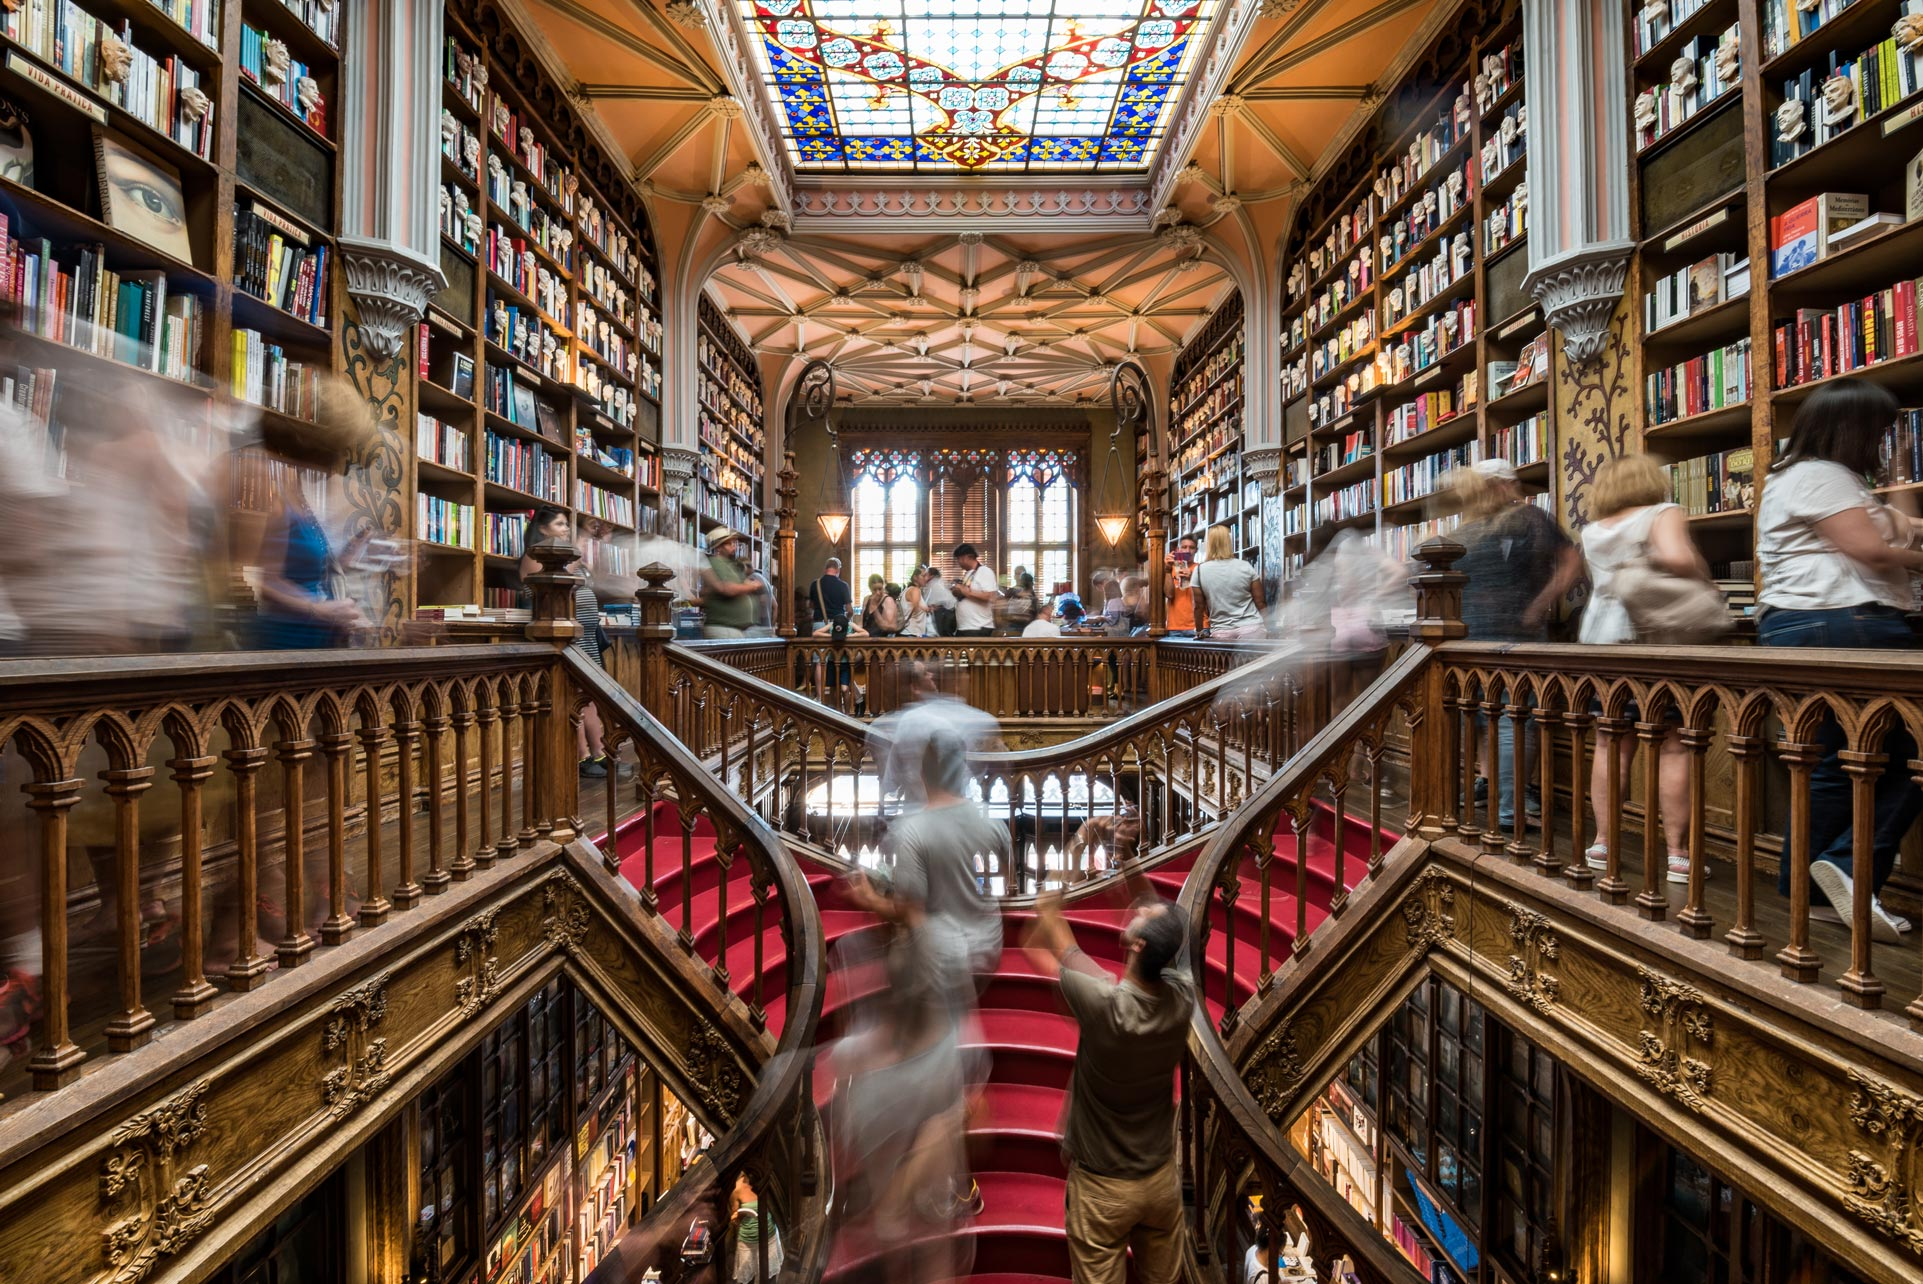 Paesaggi-Portogallo - DSC 2472 - Libreria Lello Porto - Libreria Lello Porto